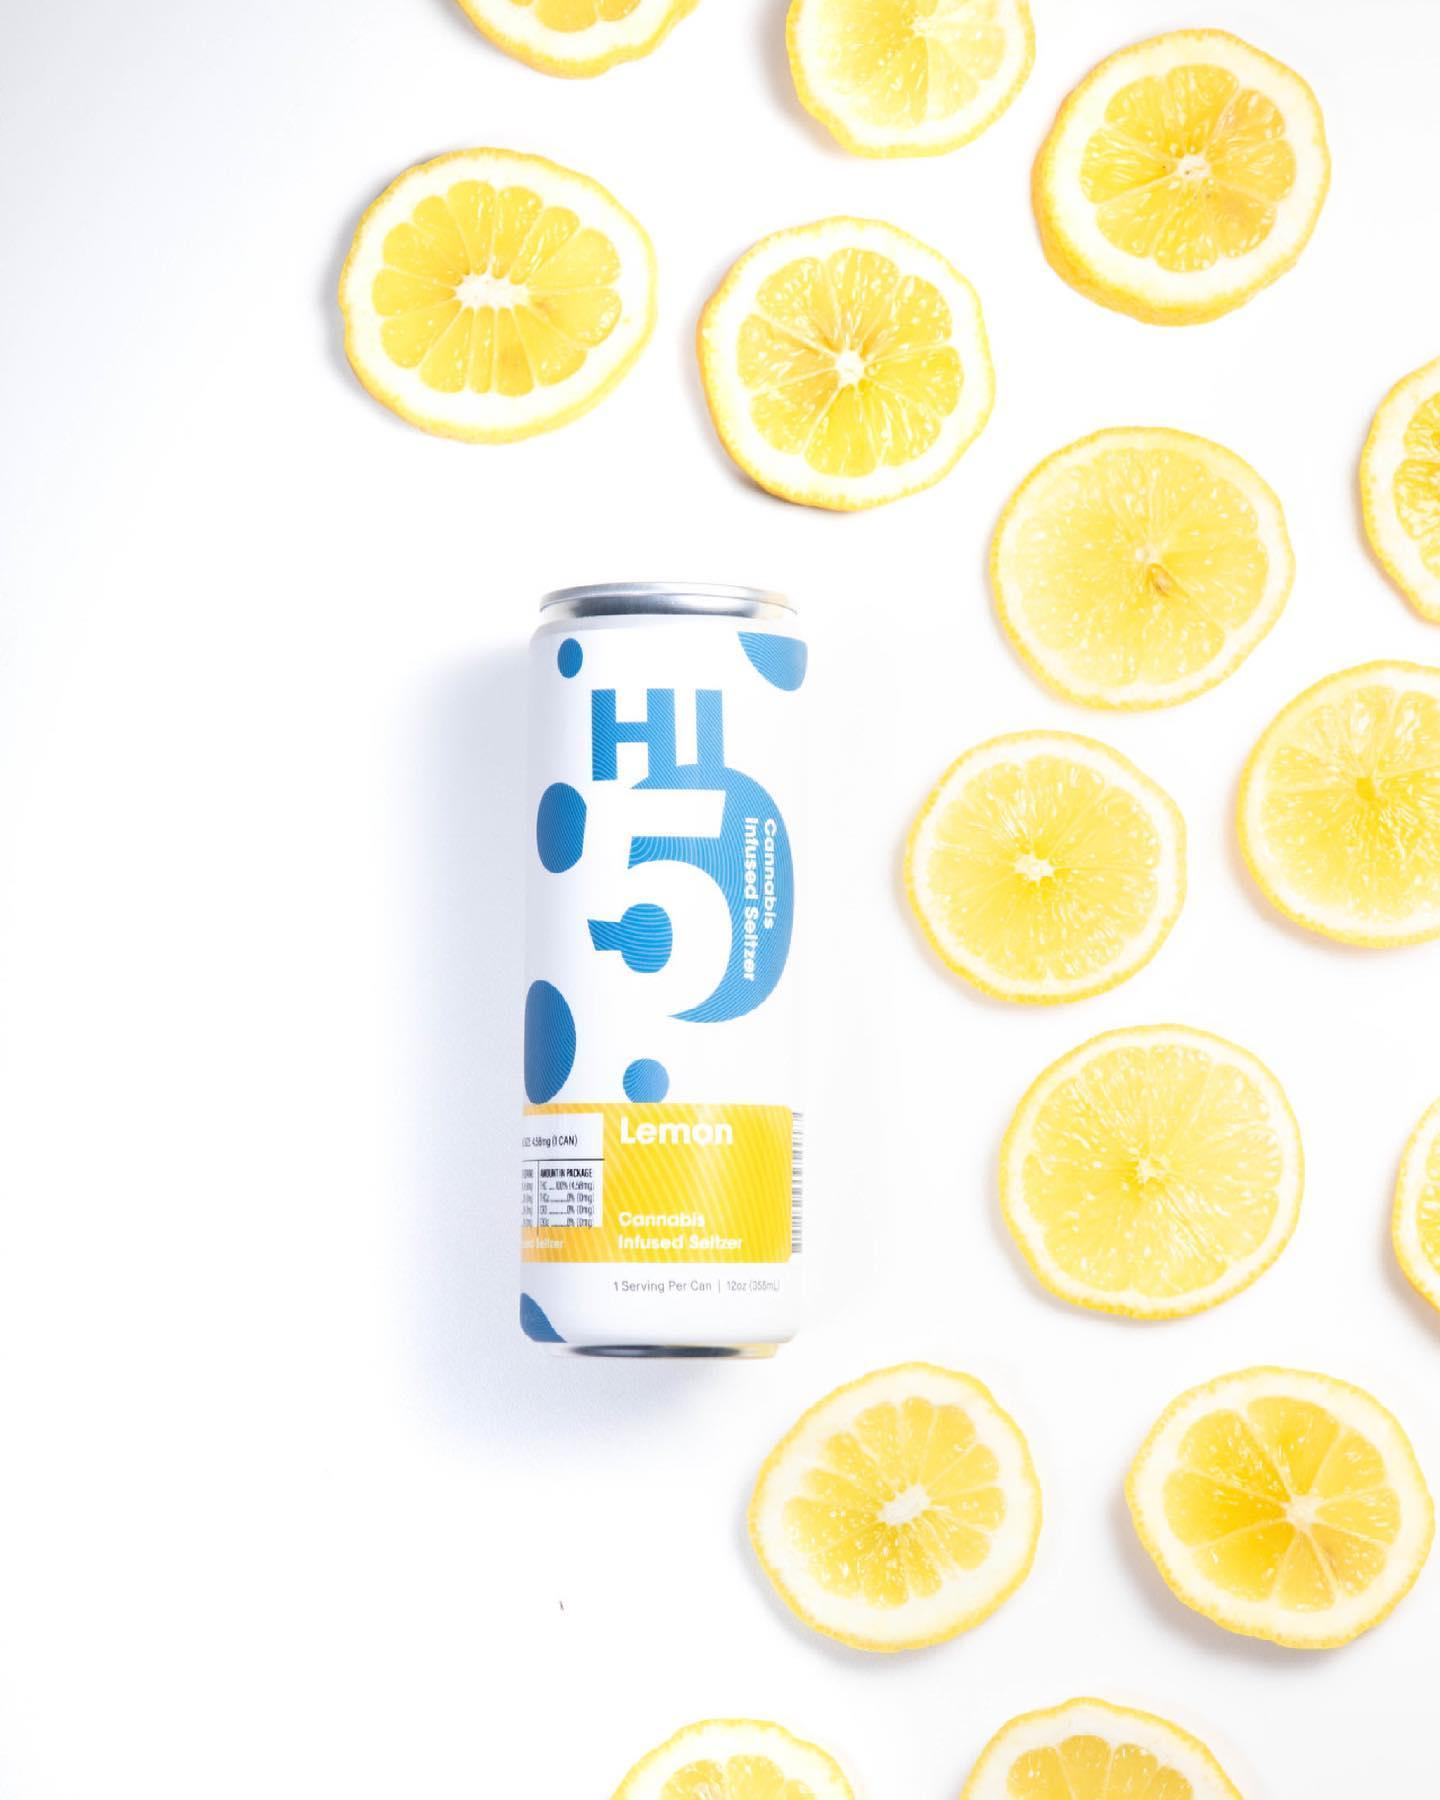 Lemon-Hi5-Infused-Cannabis-Seltzer